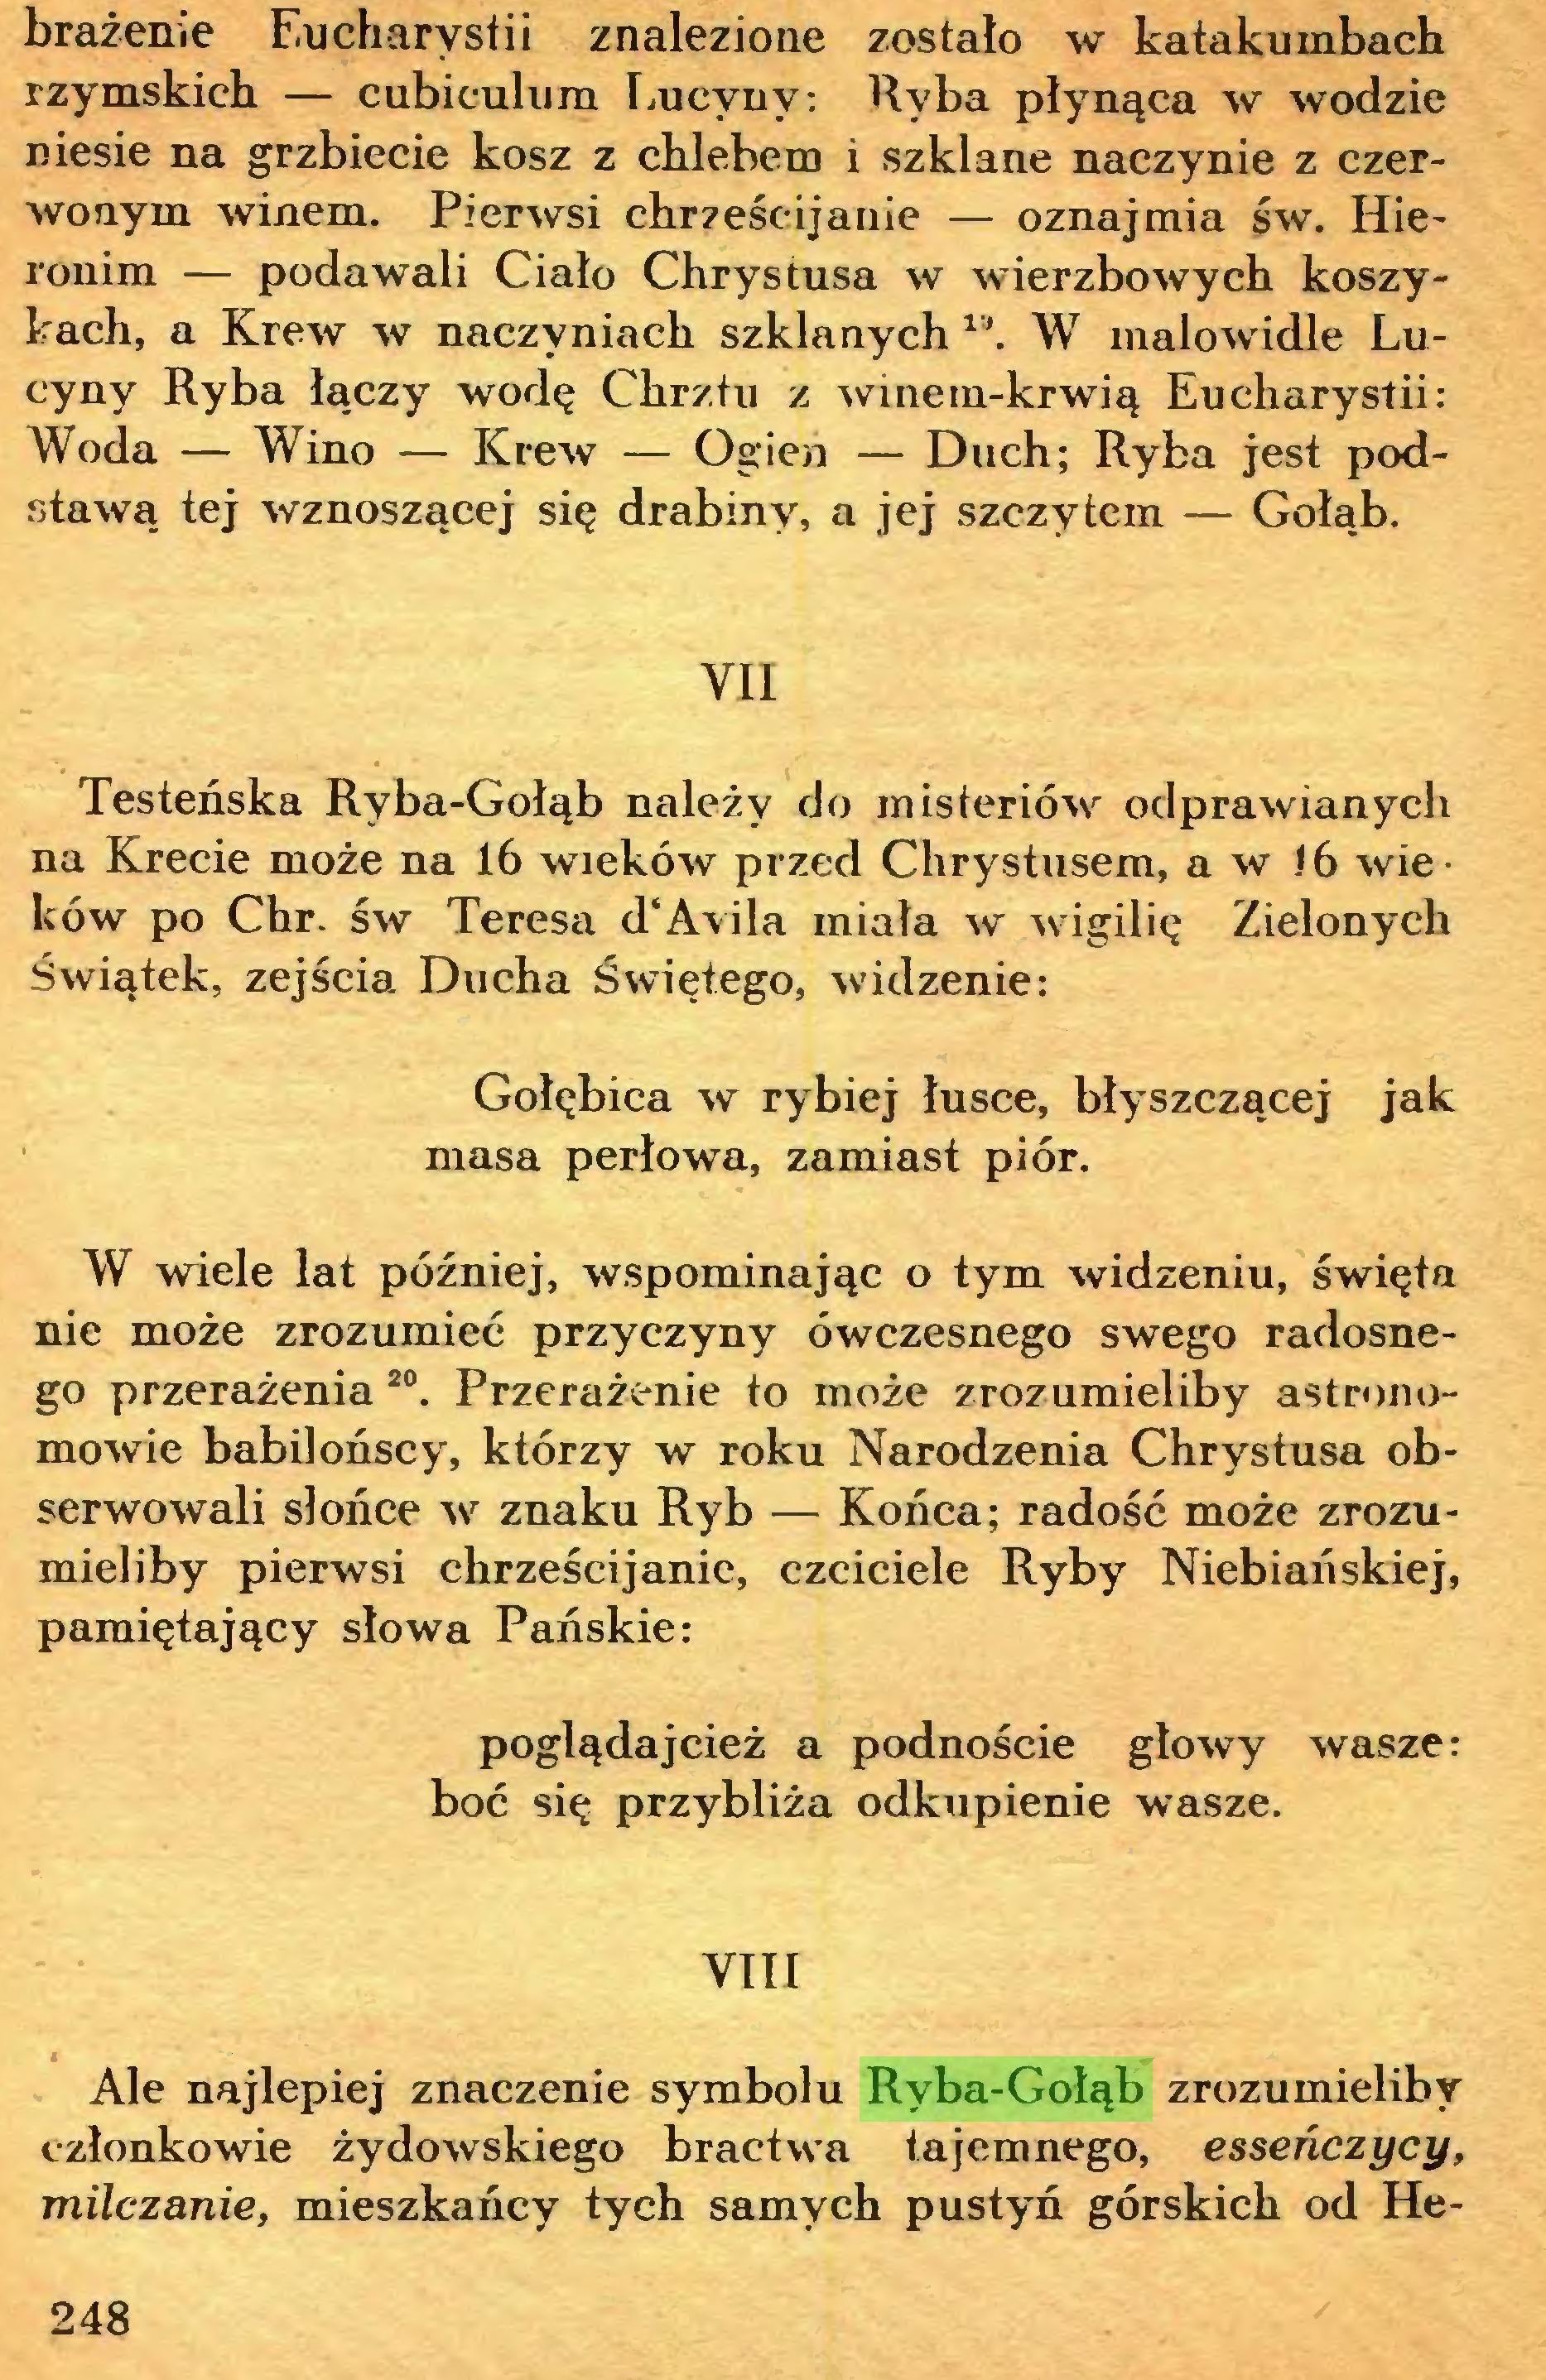 (...) VIII Ale najlepiej znaczenie symbolu Ryba-Gołąb zrozumieliby członkowie żydowskiego bractwa tajemnego, esseńczycy, milczanie, mieszkańcy tych samych pustyń górskich od He248 bronu, do Łngaddi, na zachód od Martwego Morza, gdzie spę...